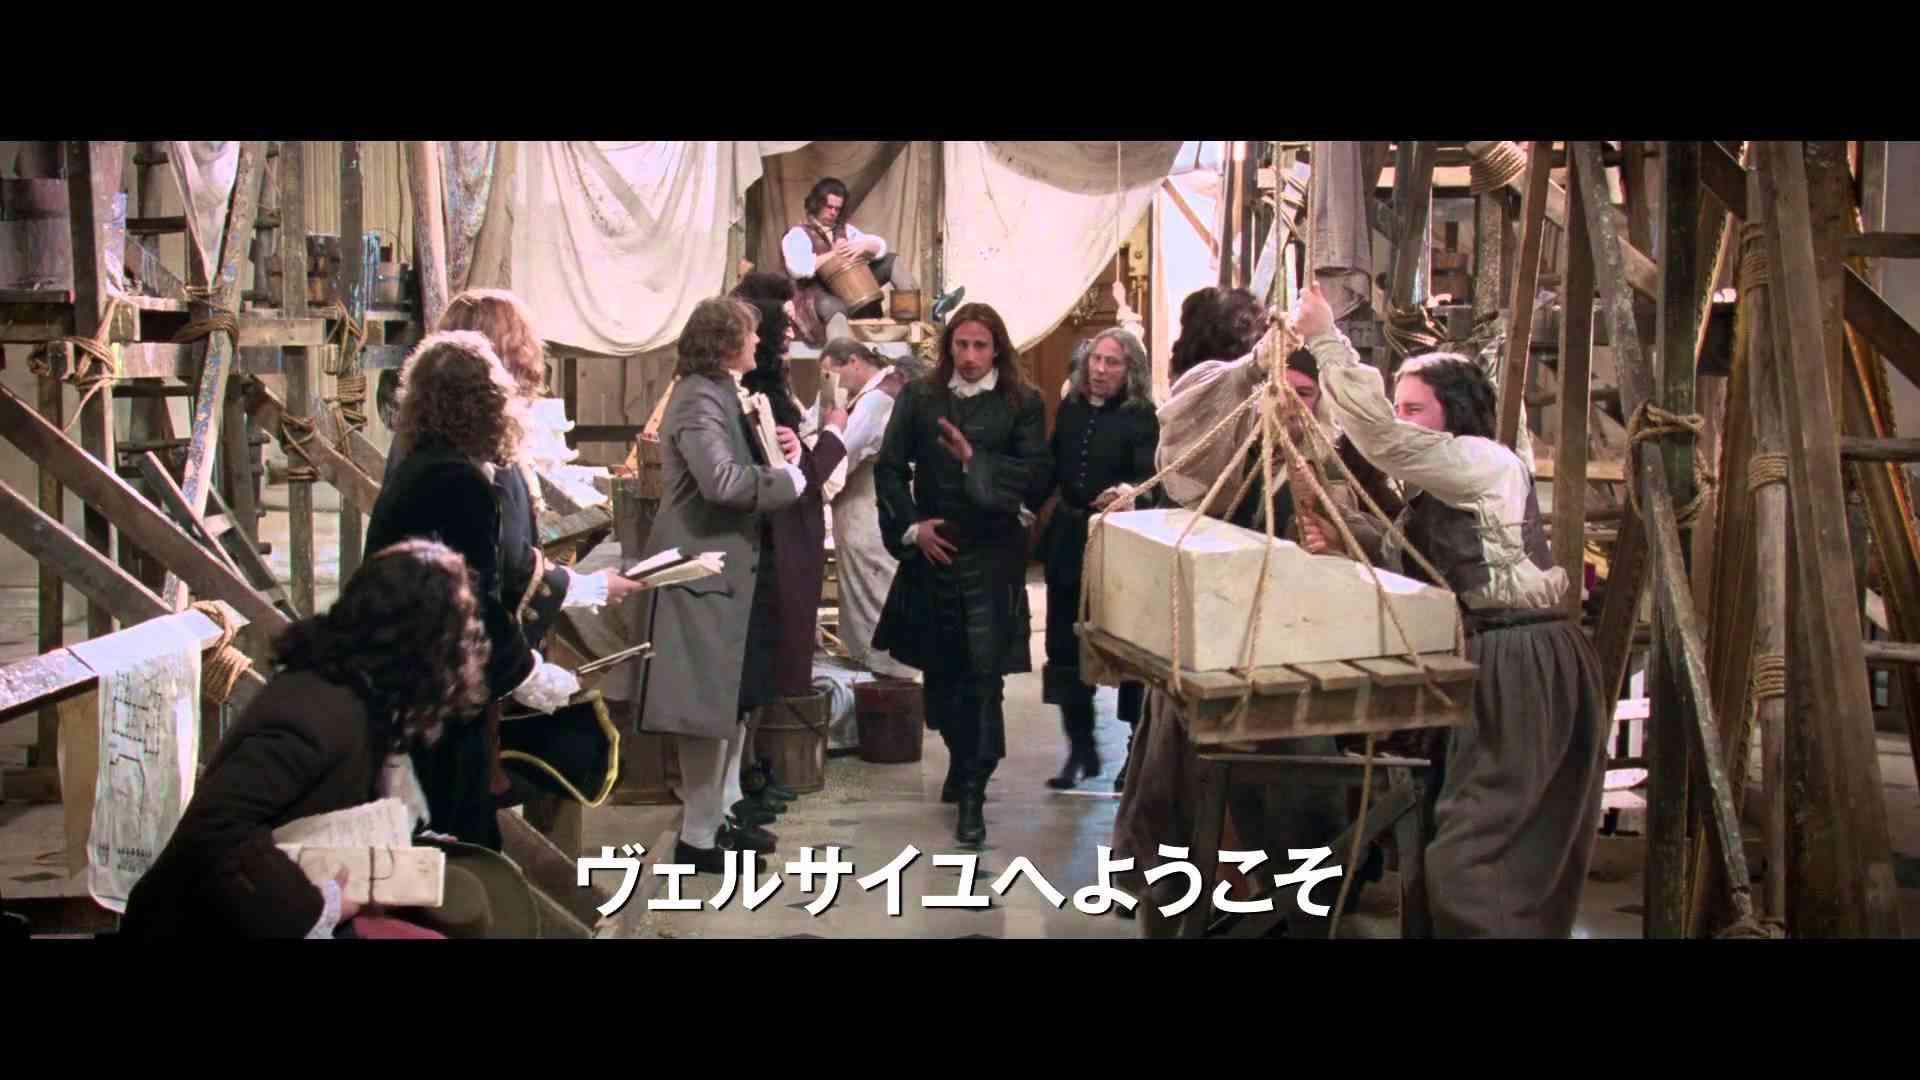 『ヴェルサイユの宮廷庭師』予告編 - YouTube